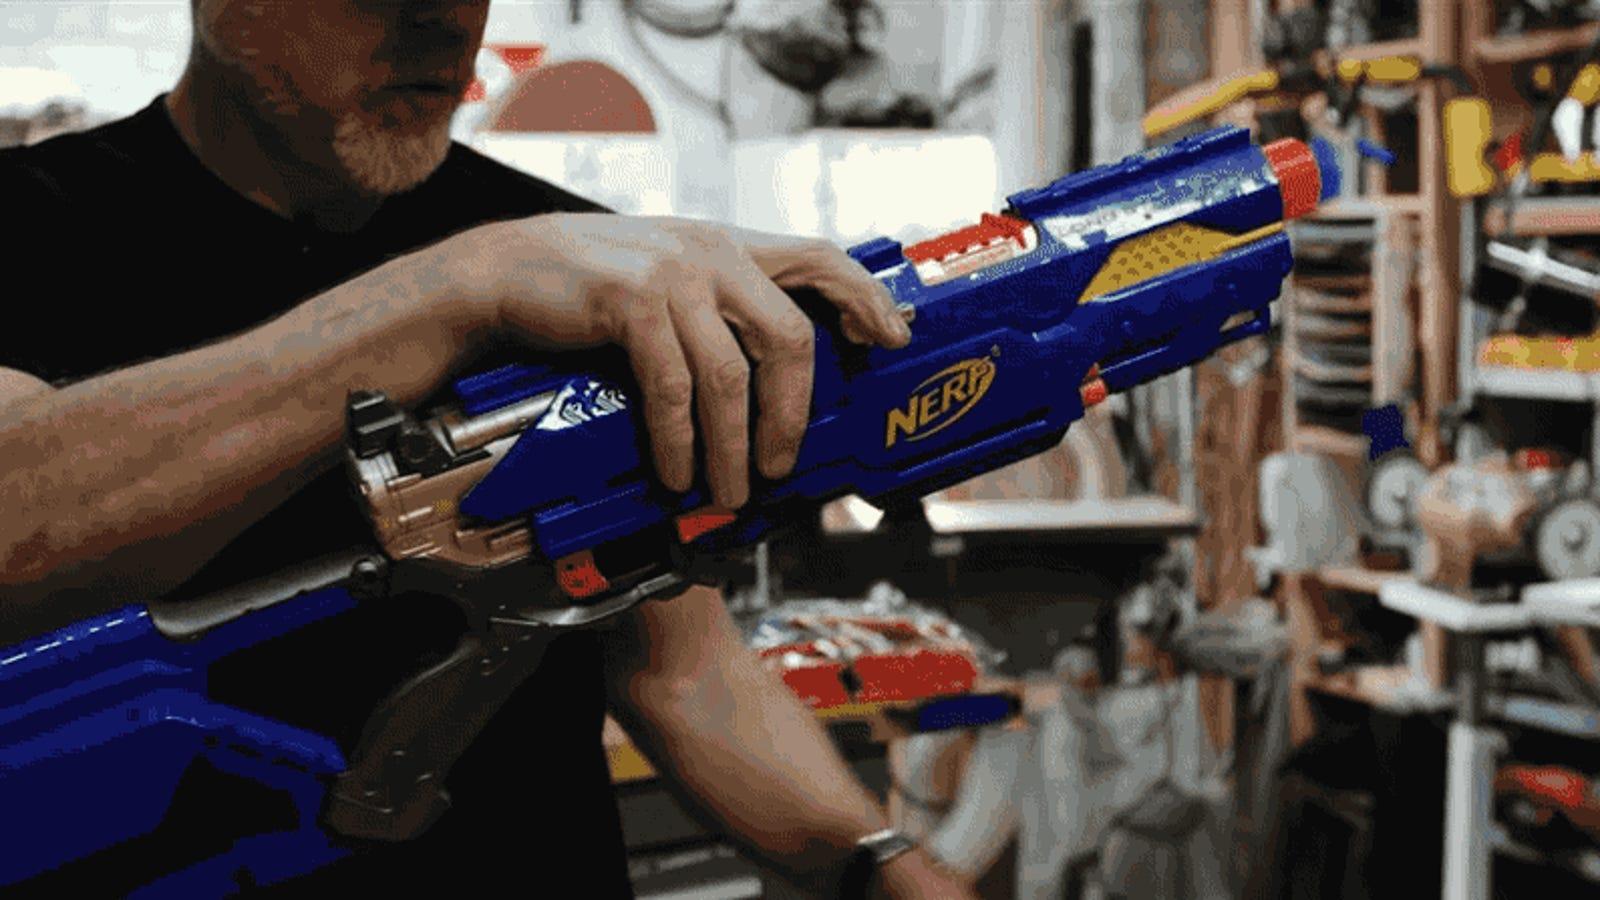 Cómo transformar un rifle de juguete en un arma brutal propia de la ciencia-ficción